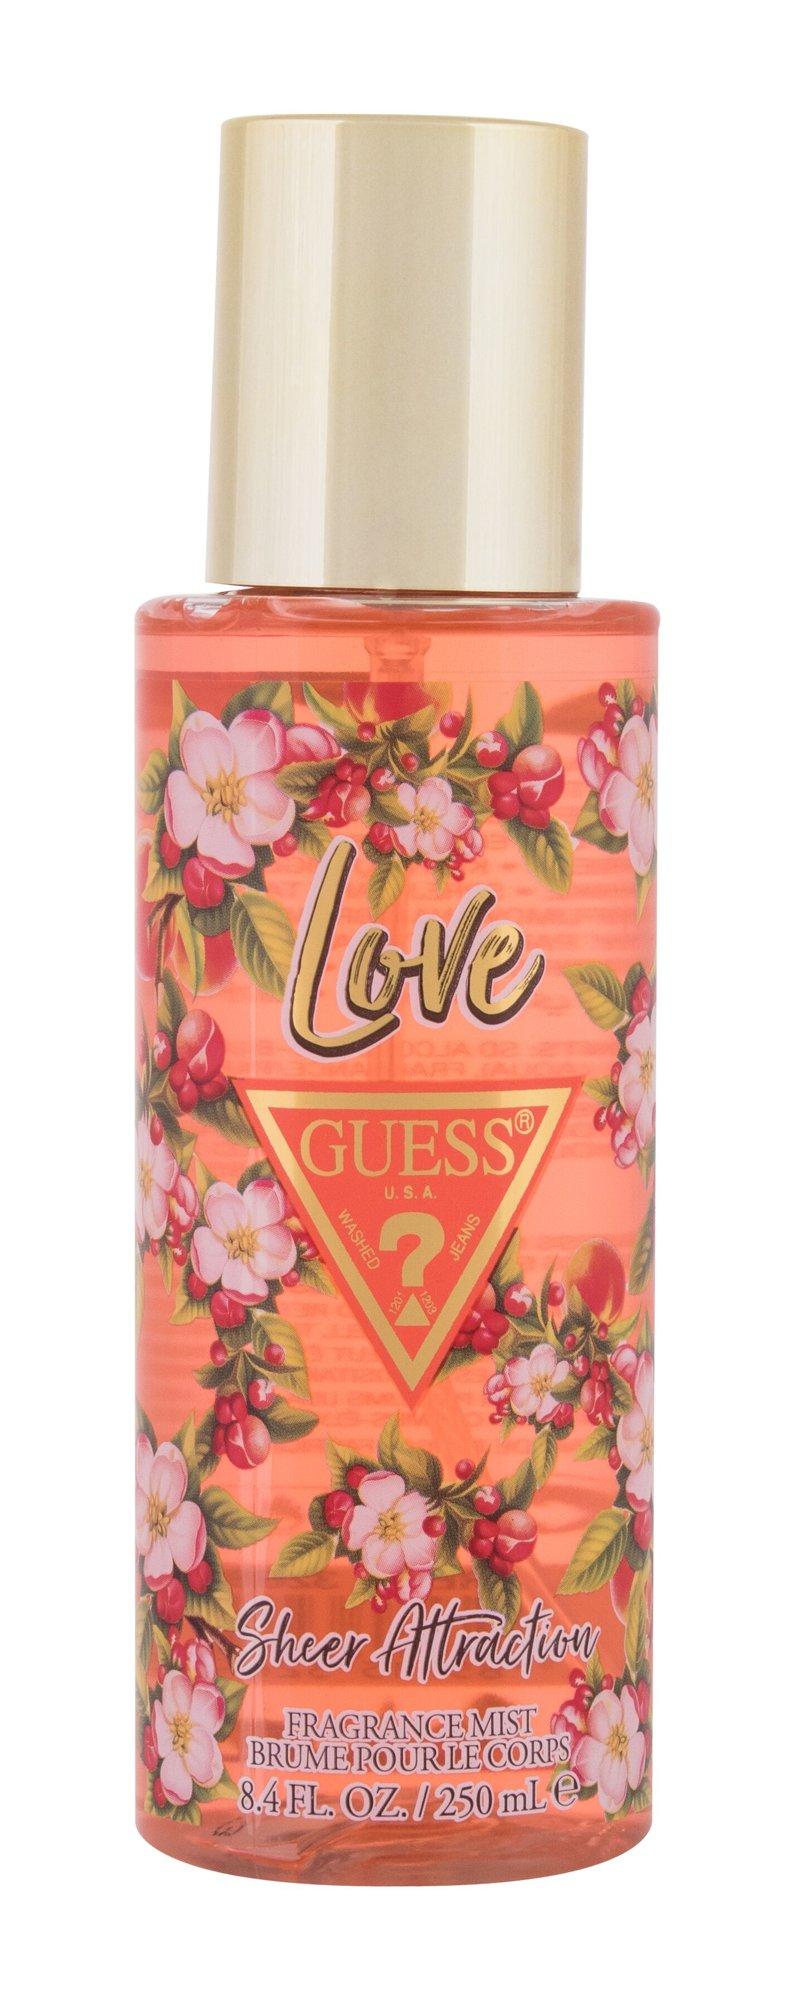 GUESS Love Sheer Attraction, Telový sprej 250ml